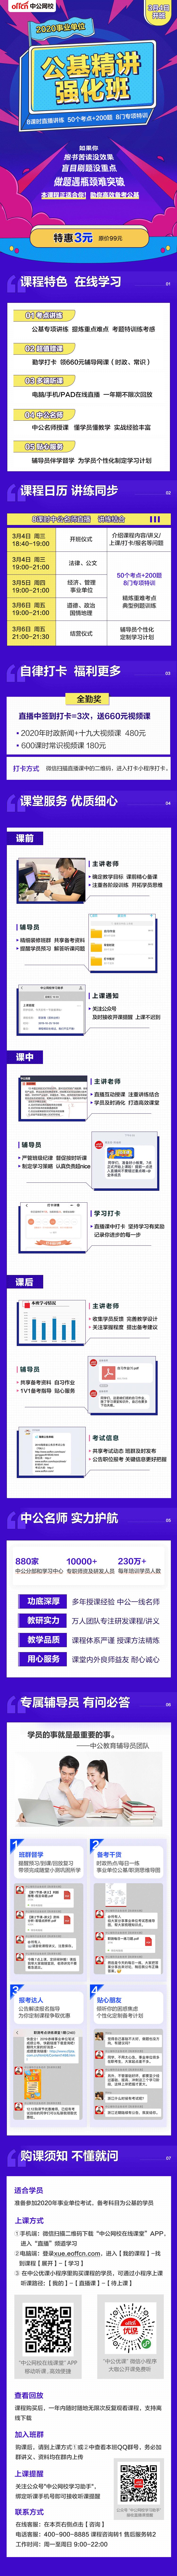 【通用】2020事�I�挝�-公精�v��化班.png